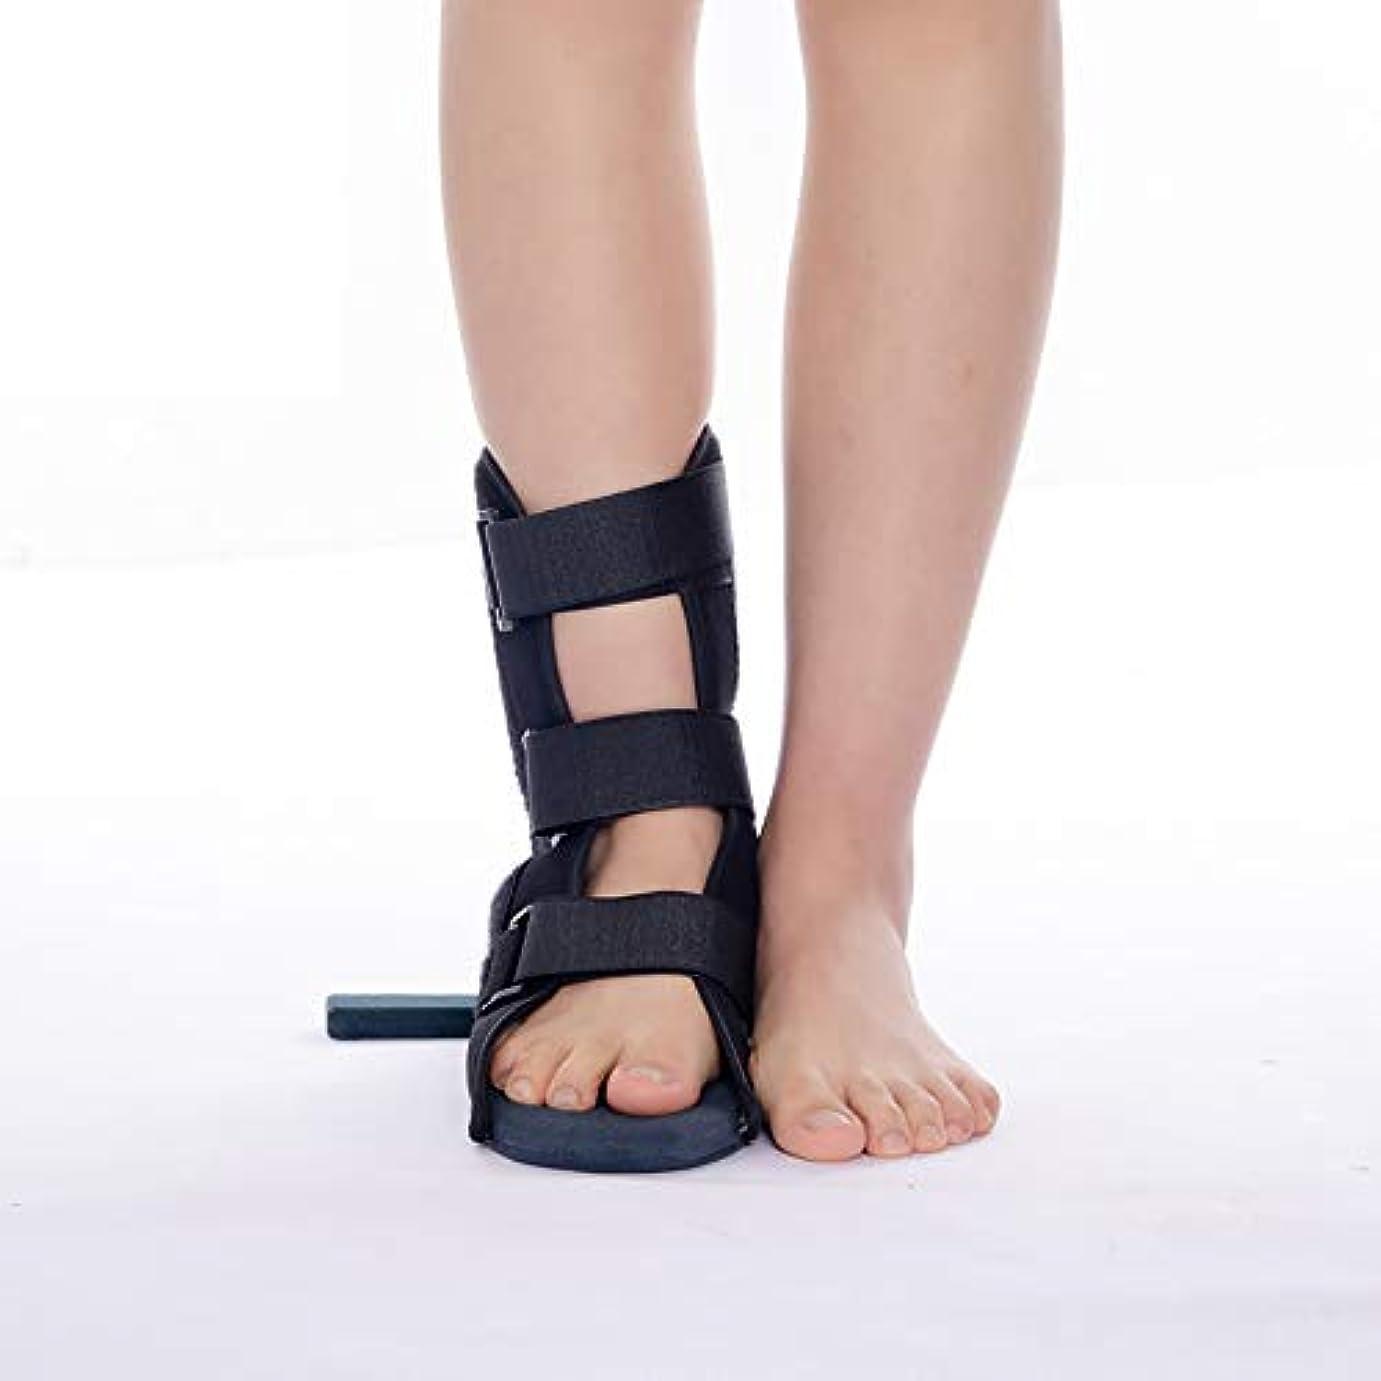 サンダース世辞隔離する足固定整形外科用靴足ブレースサポート回転防止足首捻挫スタビライザーブーツ用足首関節捻挫骨折リハビリテーション